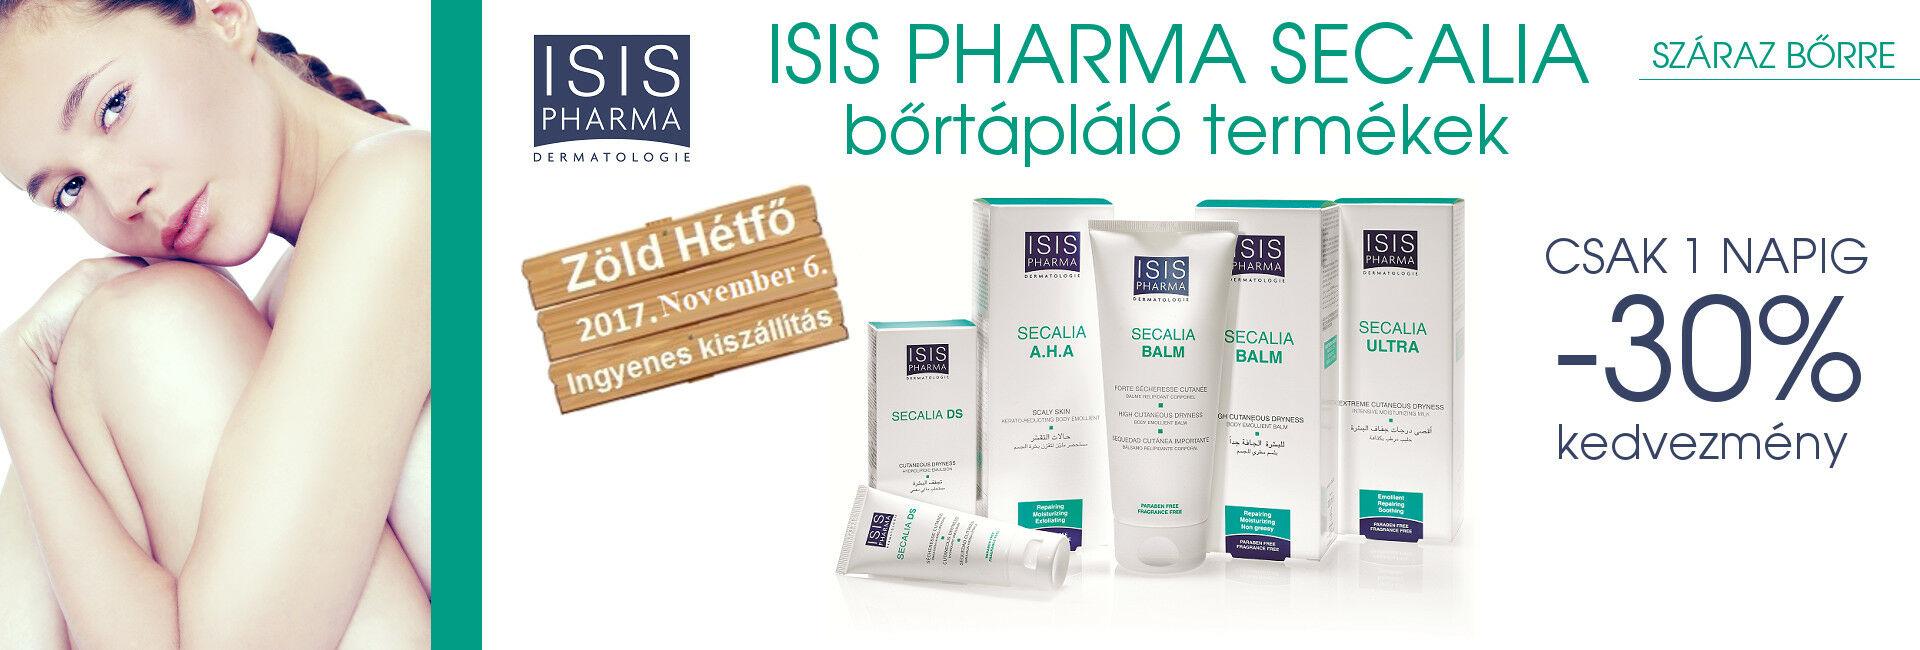 2017. november 6-án minden ISIS PHARMA Secalia terméket 30% kedvezménnyel kínálunk!